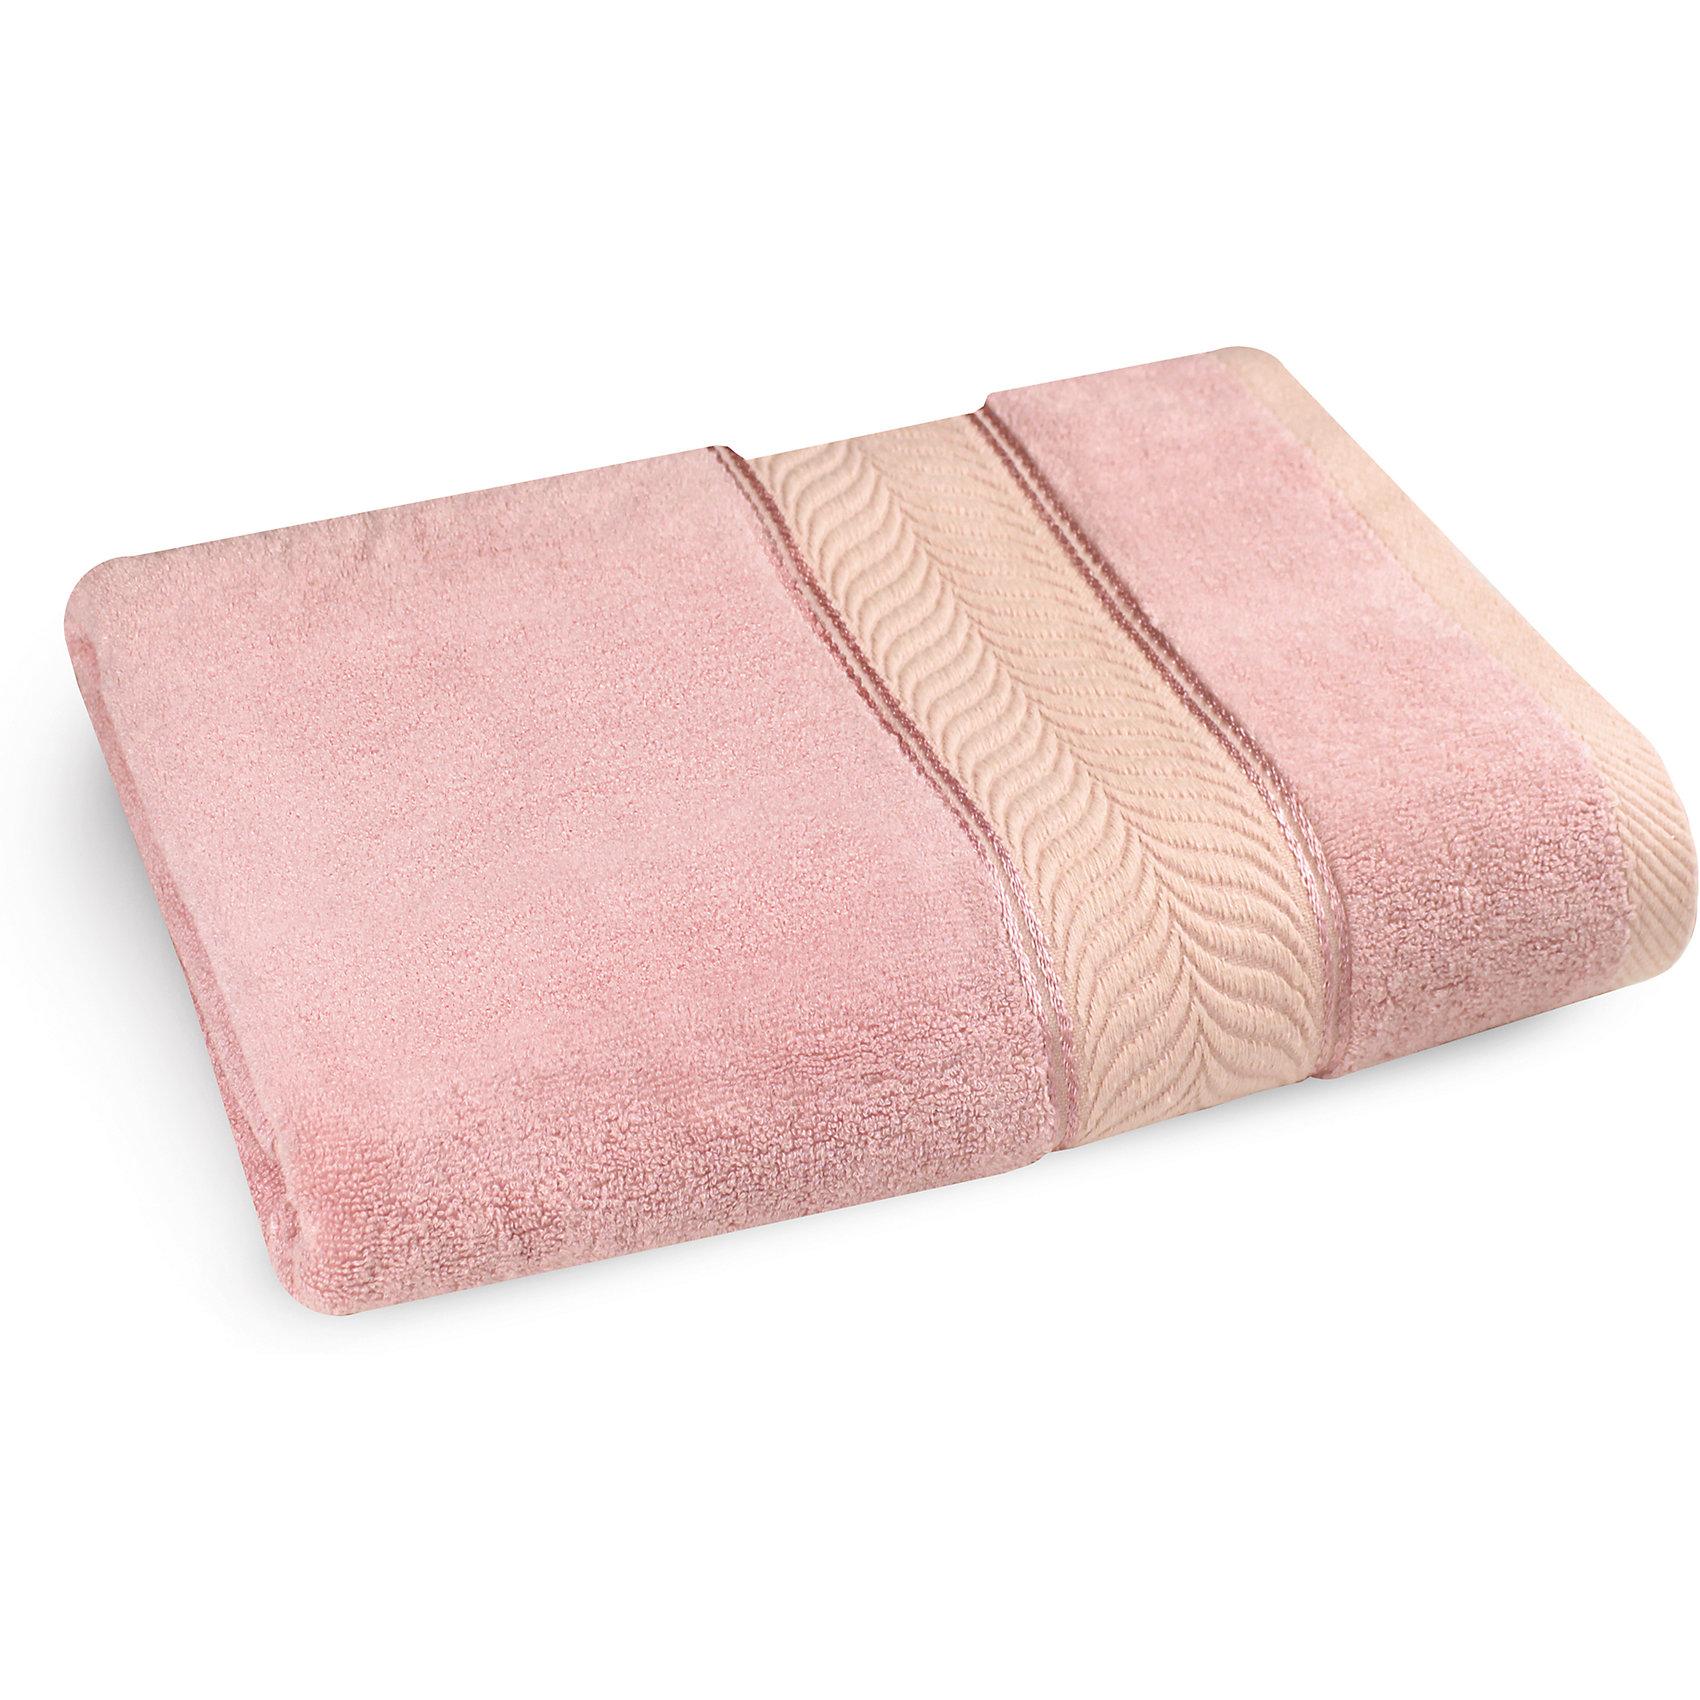 Полотенце махровое 70*140 бамбук, Cozy Home, розовыйПолотенце махровое 70*140 бамбук, Cozy Home (Кози Хоум), розовый<br><br>Характеристики:<br><br>• быстро впитывает влагу<br>• препятствует размножению бактерий<br>• легко отстирывается<br>• размер: 70х140 см<br>• материал: бамбук<br>• бордюр: вискоза<br>• цвет: розовый<br><br>Махровое полотенце от Cozy Home понравится самым взыскательным ценителям качественного текстиля. Оно изготовлено из бамбука, благодаря чему отличается особой прочностью и высокой гигроскопичностью. Полотенце из бамбука является полностью гипоаллергенным изделием, которое, к тому же, обладает антибактериальными и противомикробными свойствами. Вы можете использовать его как для взрослых, так и для детей. Бамбуковые волокна обеспечивают изделию приятную мягкость и легкий блеск. Полотенце дополнено вышитым бордюром из вискозы. Оно внесет уют в атмосферу вашей ванной комнаты.<br><br>Полотенце махровое 70*140 бамбук, Cozy Home (Кози Хоум), розовый можно купить в нашем интернет-магазине.<br><br>Ширина мм: 150<br>Глубина мм: 350<br>Высота мм: 150<br>Вес г: 350<br>Возраст от месяцев: 0<br>Возраст до месяцев: 216<br>Пол: Женский<br>Возраст: Детский<br>SKU: 5355313